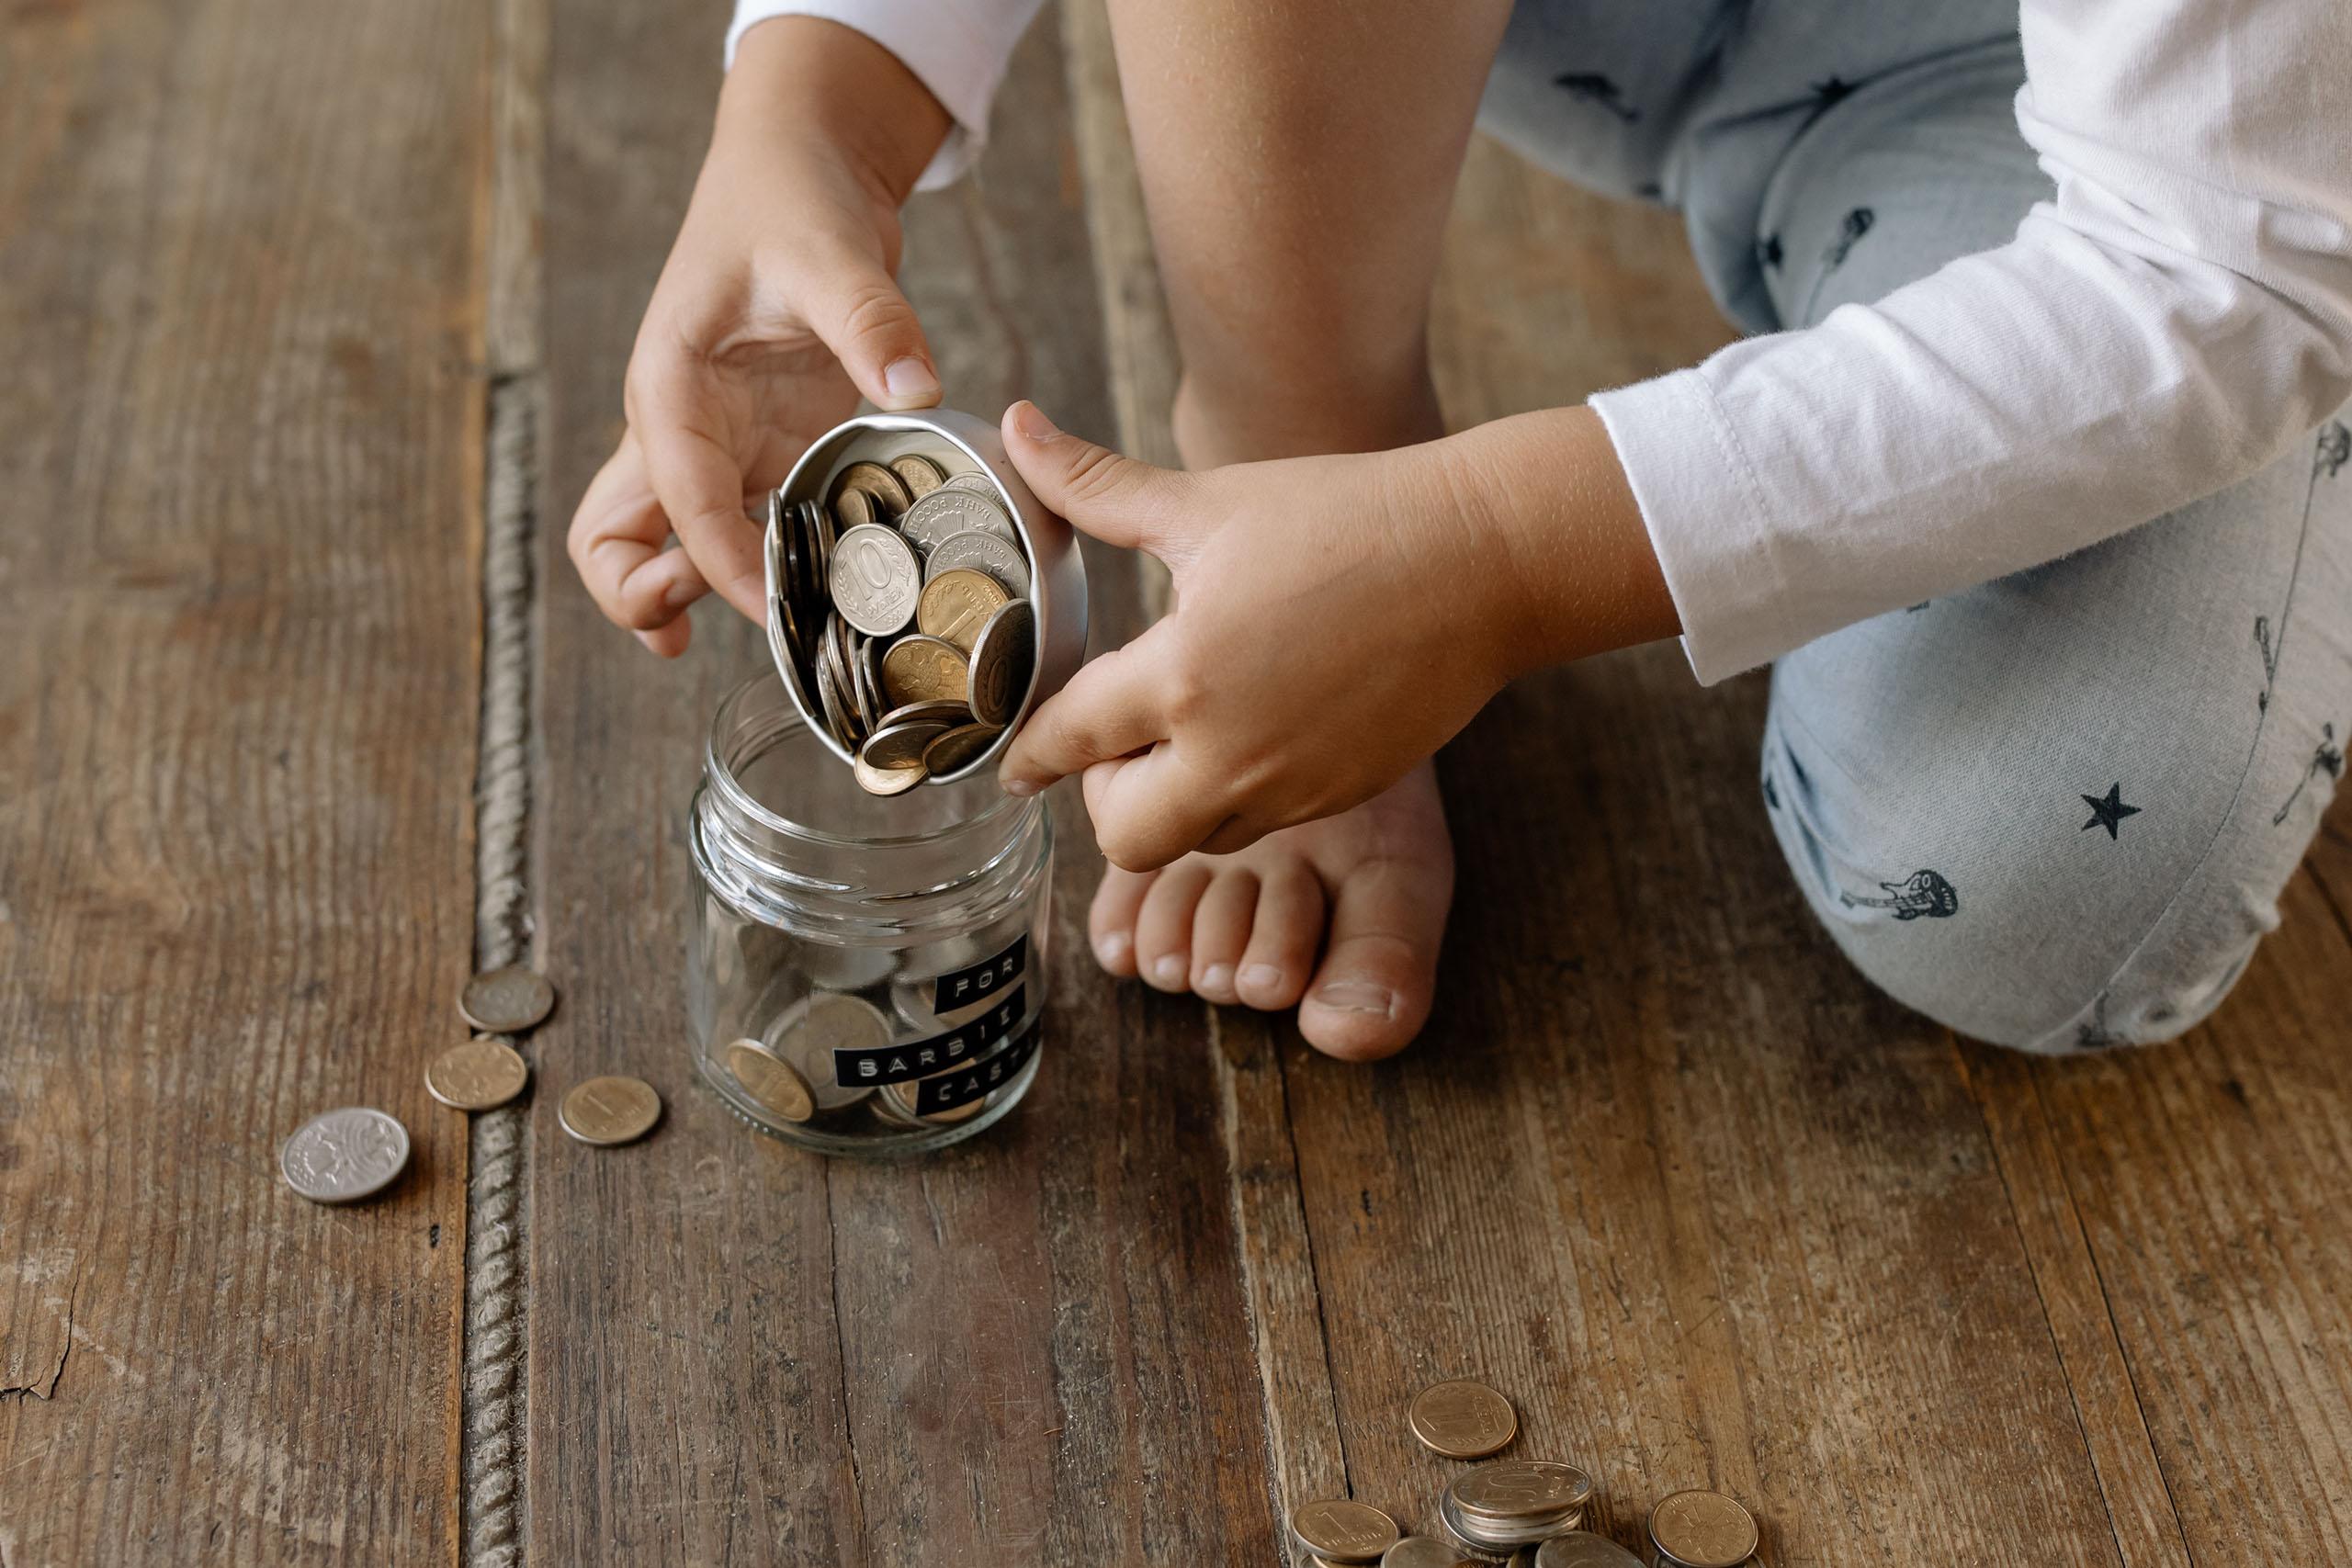 Rodinný kRok O troch grošoch alebo ako učiť deti finančnej gramotnosti (main)